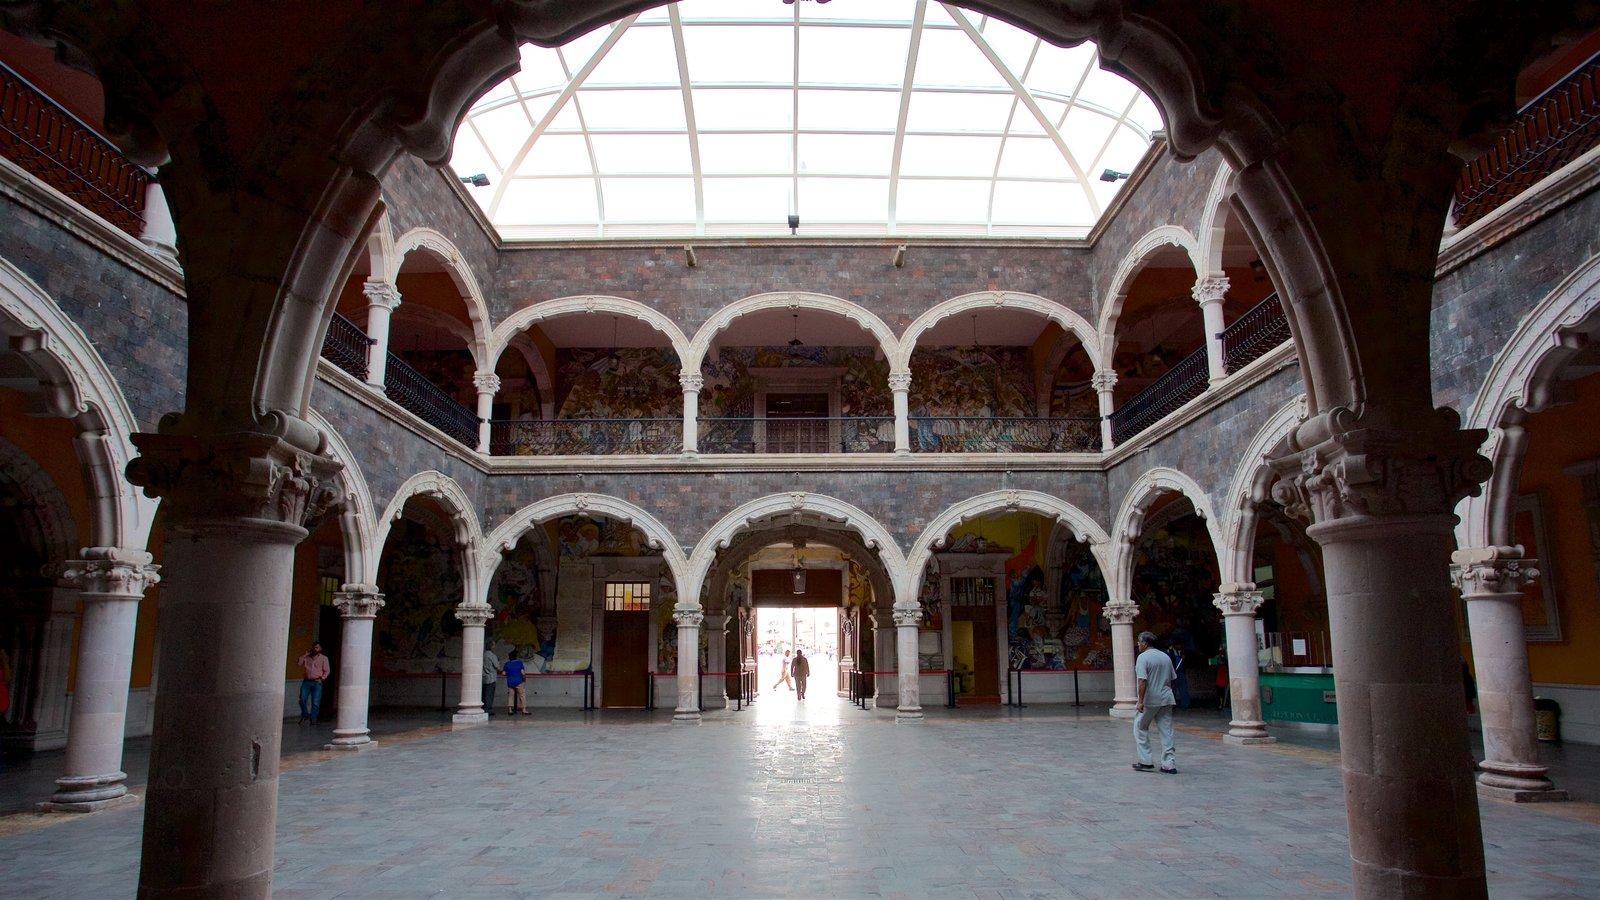 Palácio do Governo de Aguascalientes mostrando vistas internas e arquitetura de patrimônio